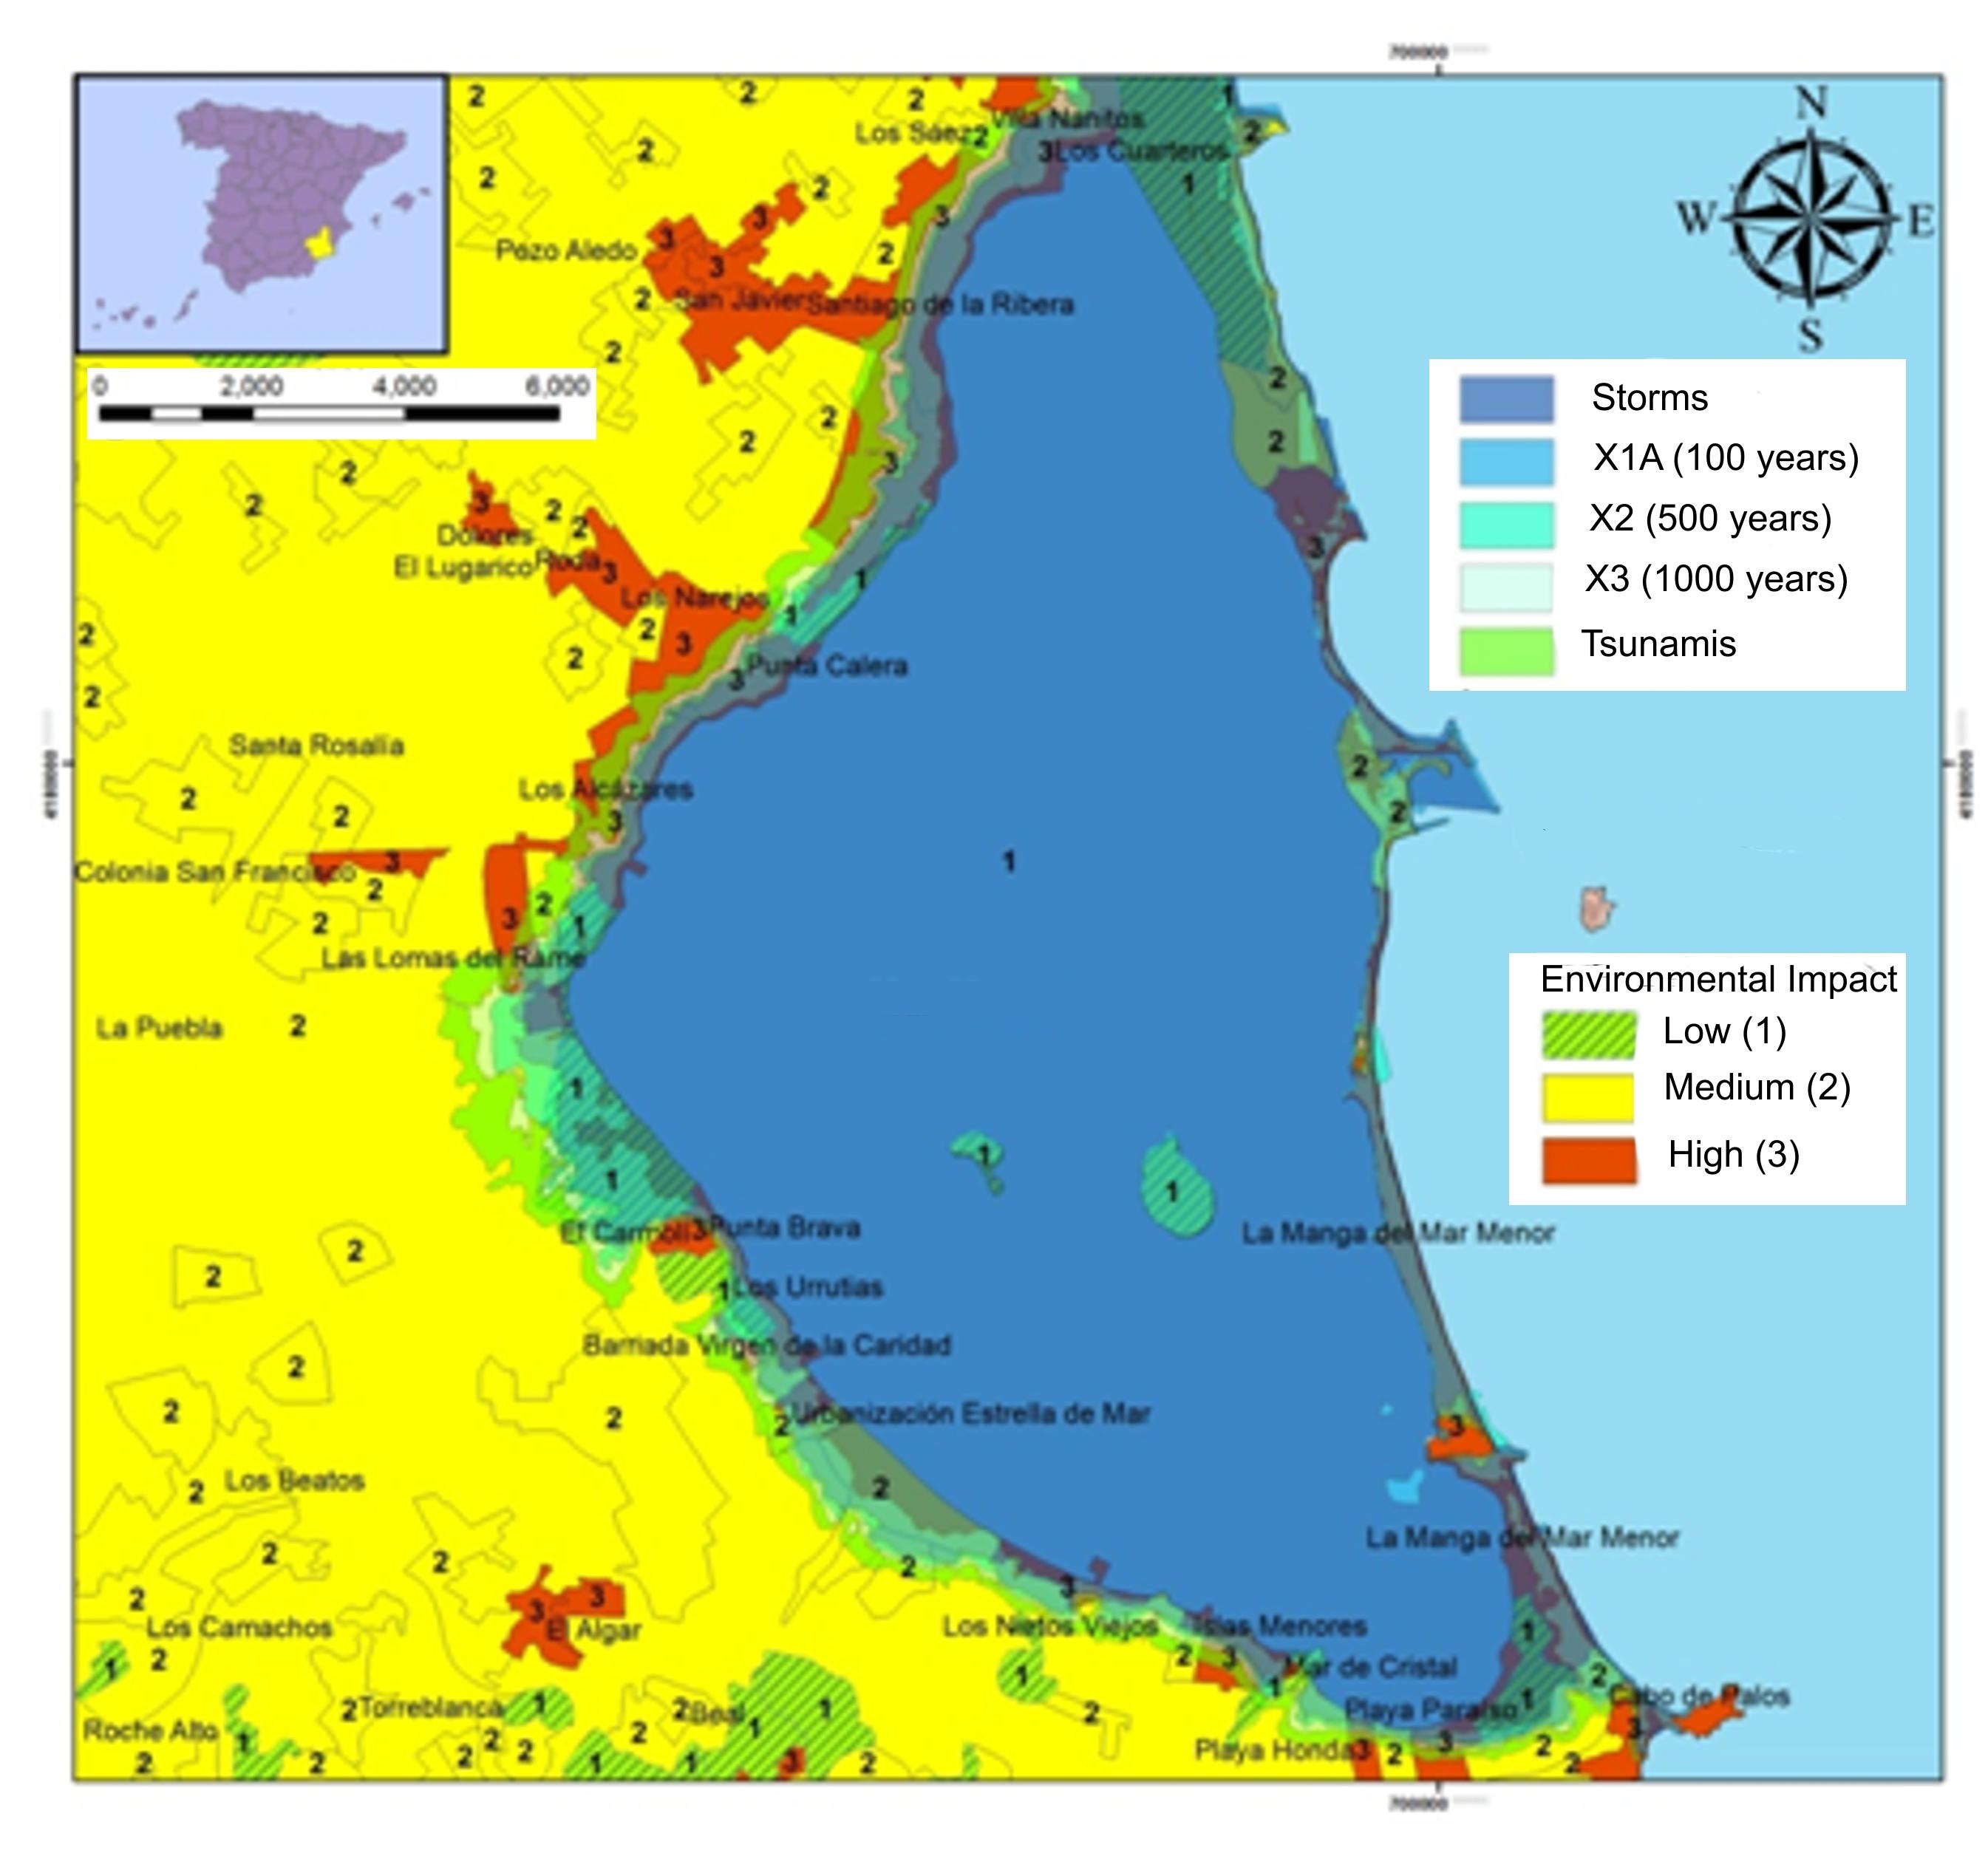 Científicos de la USAL alertan del riesgo de subida del nivel del agua del Mar Menor en hasta 1,5 m. durante el próximo siglo por el aumento de la temperatura global